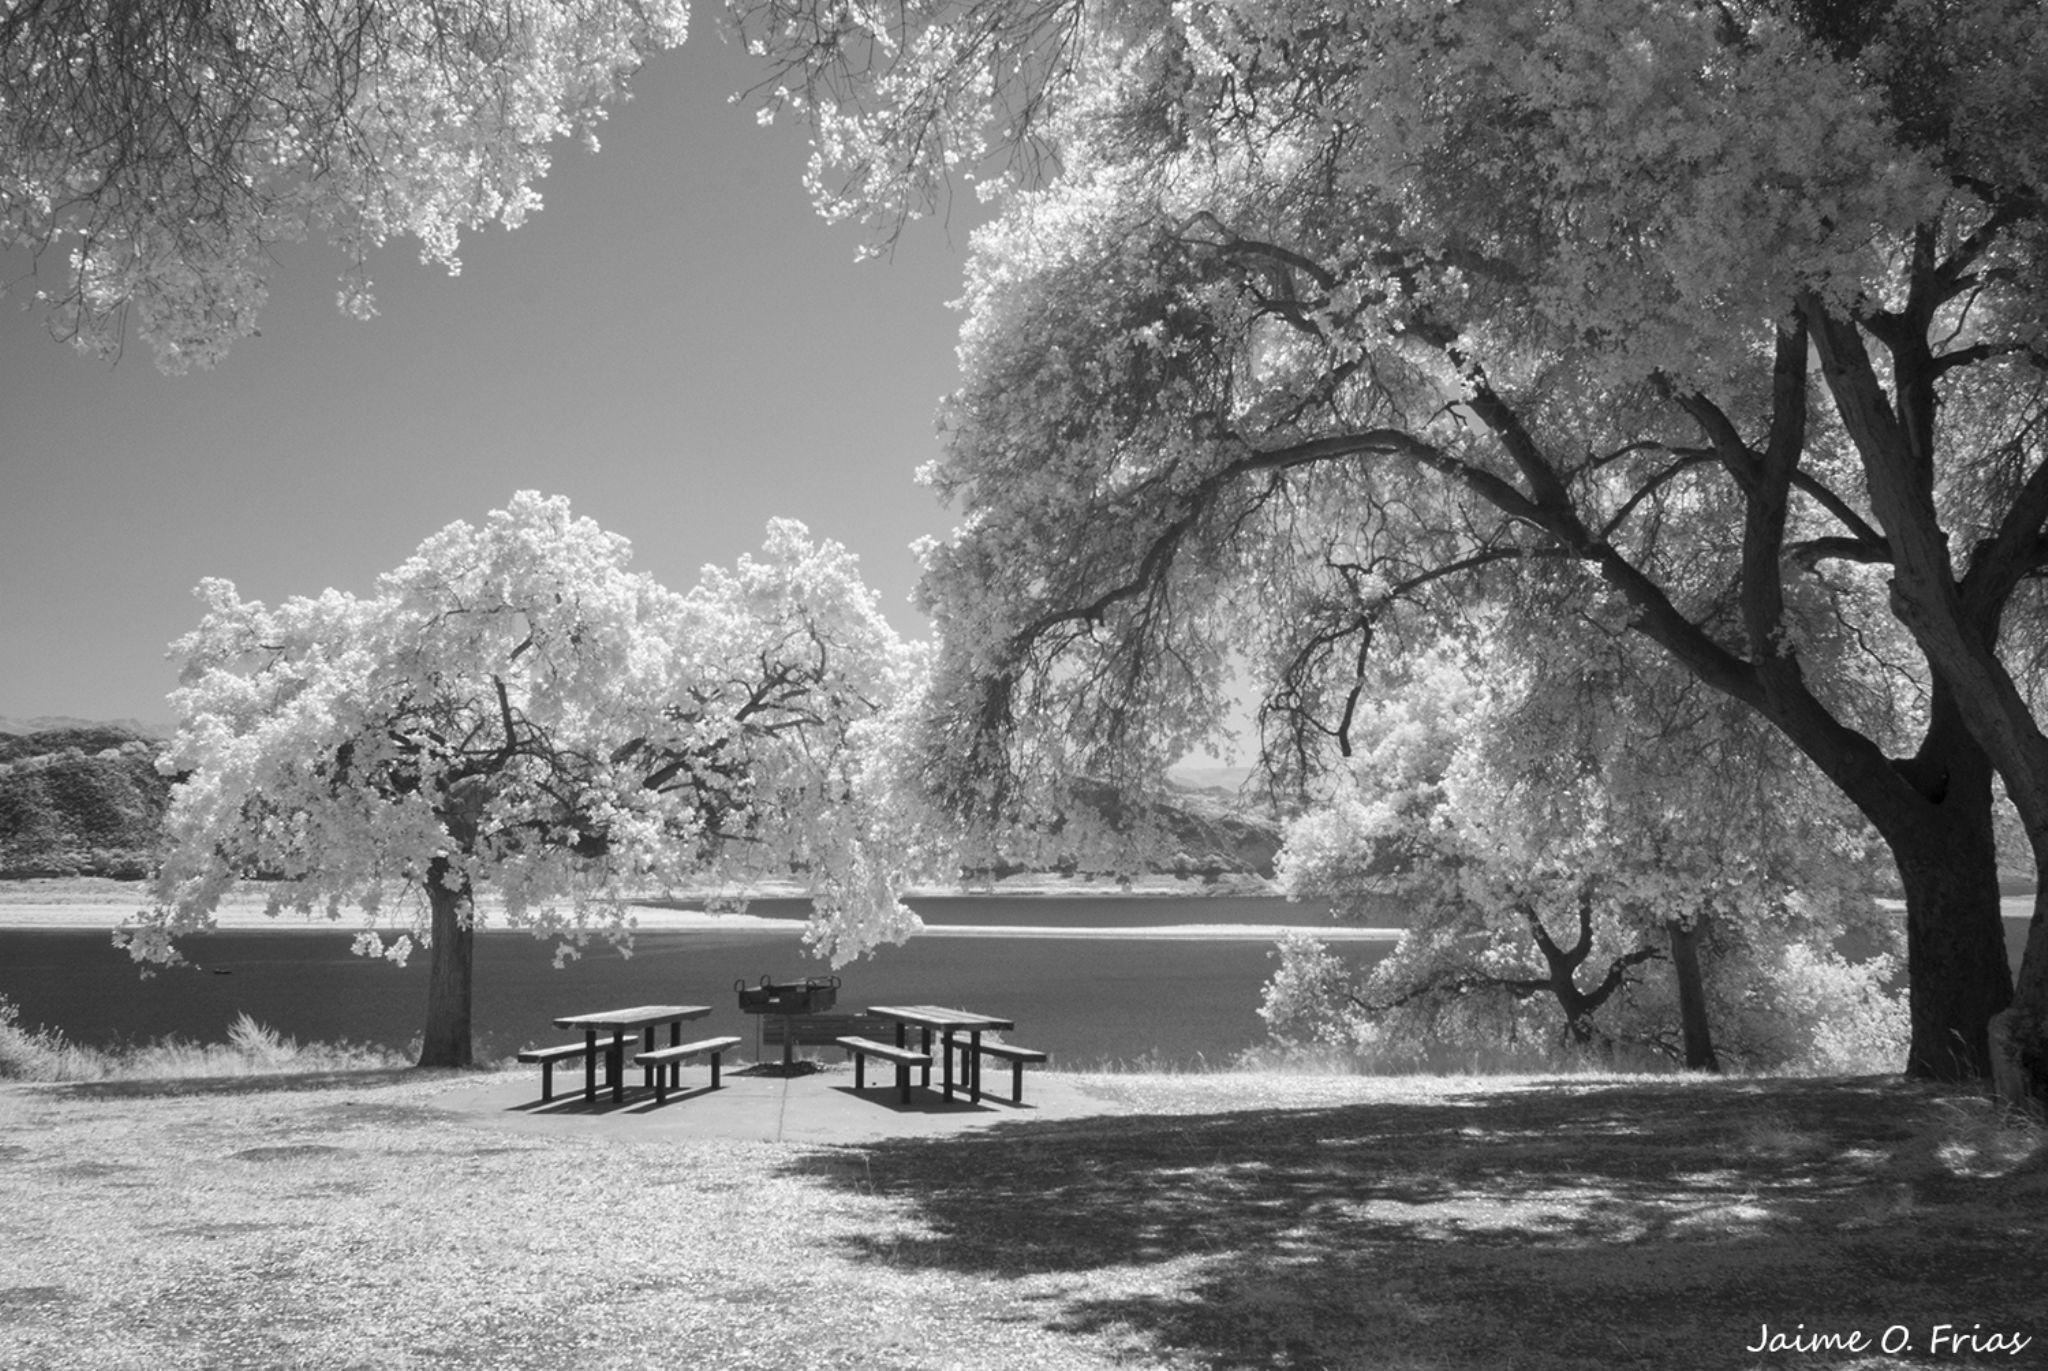 Lake Infrared by Jaime O. Frias